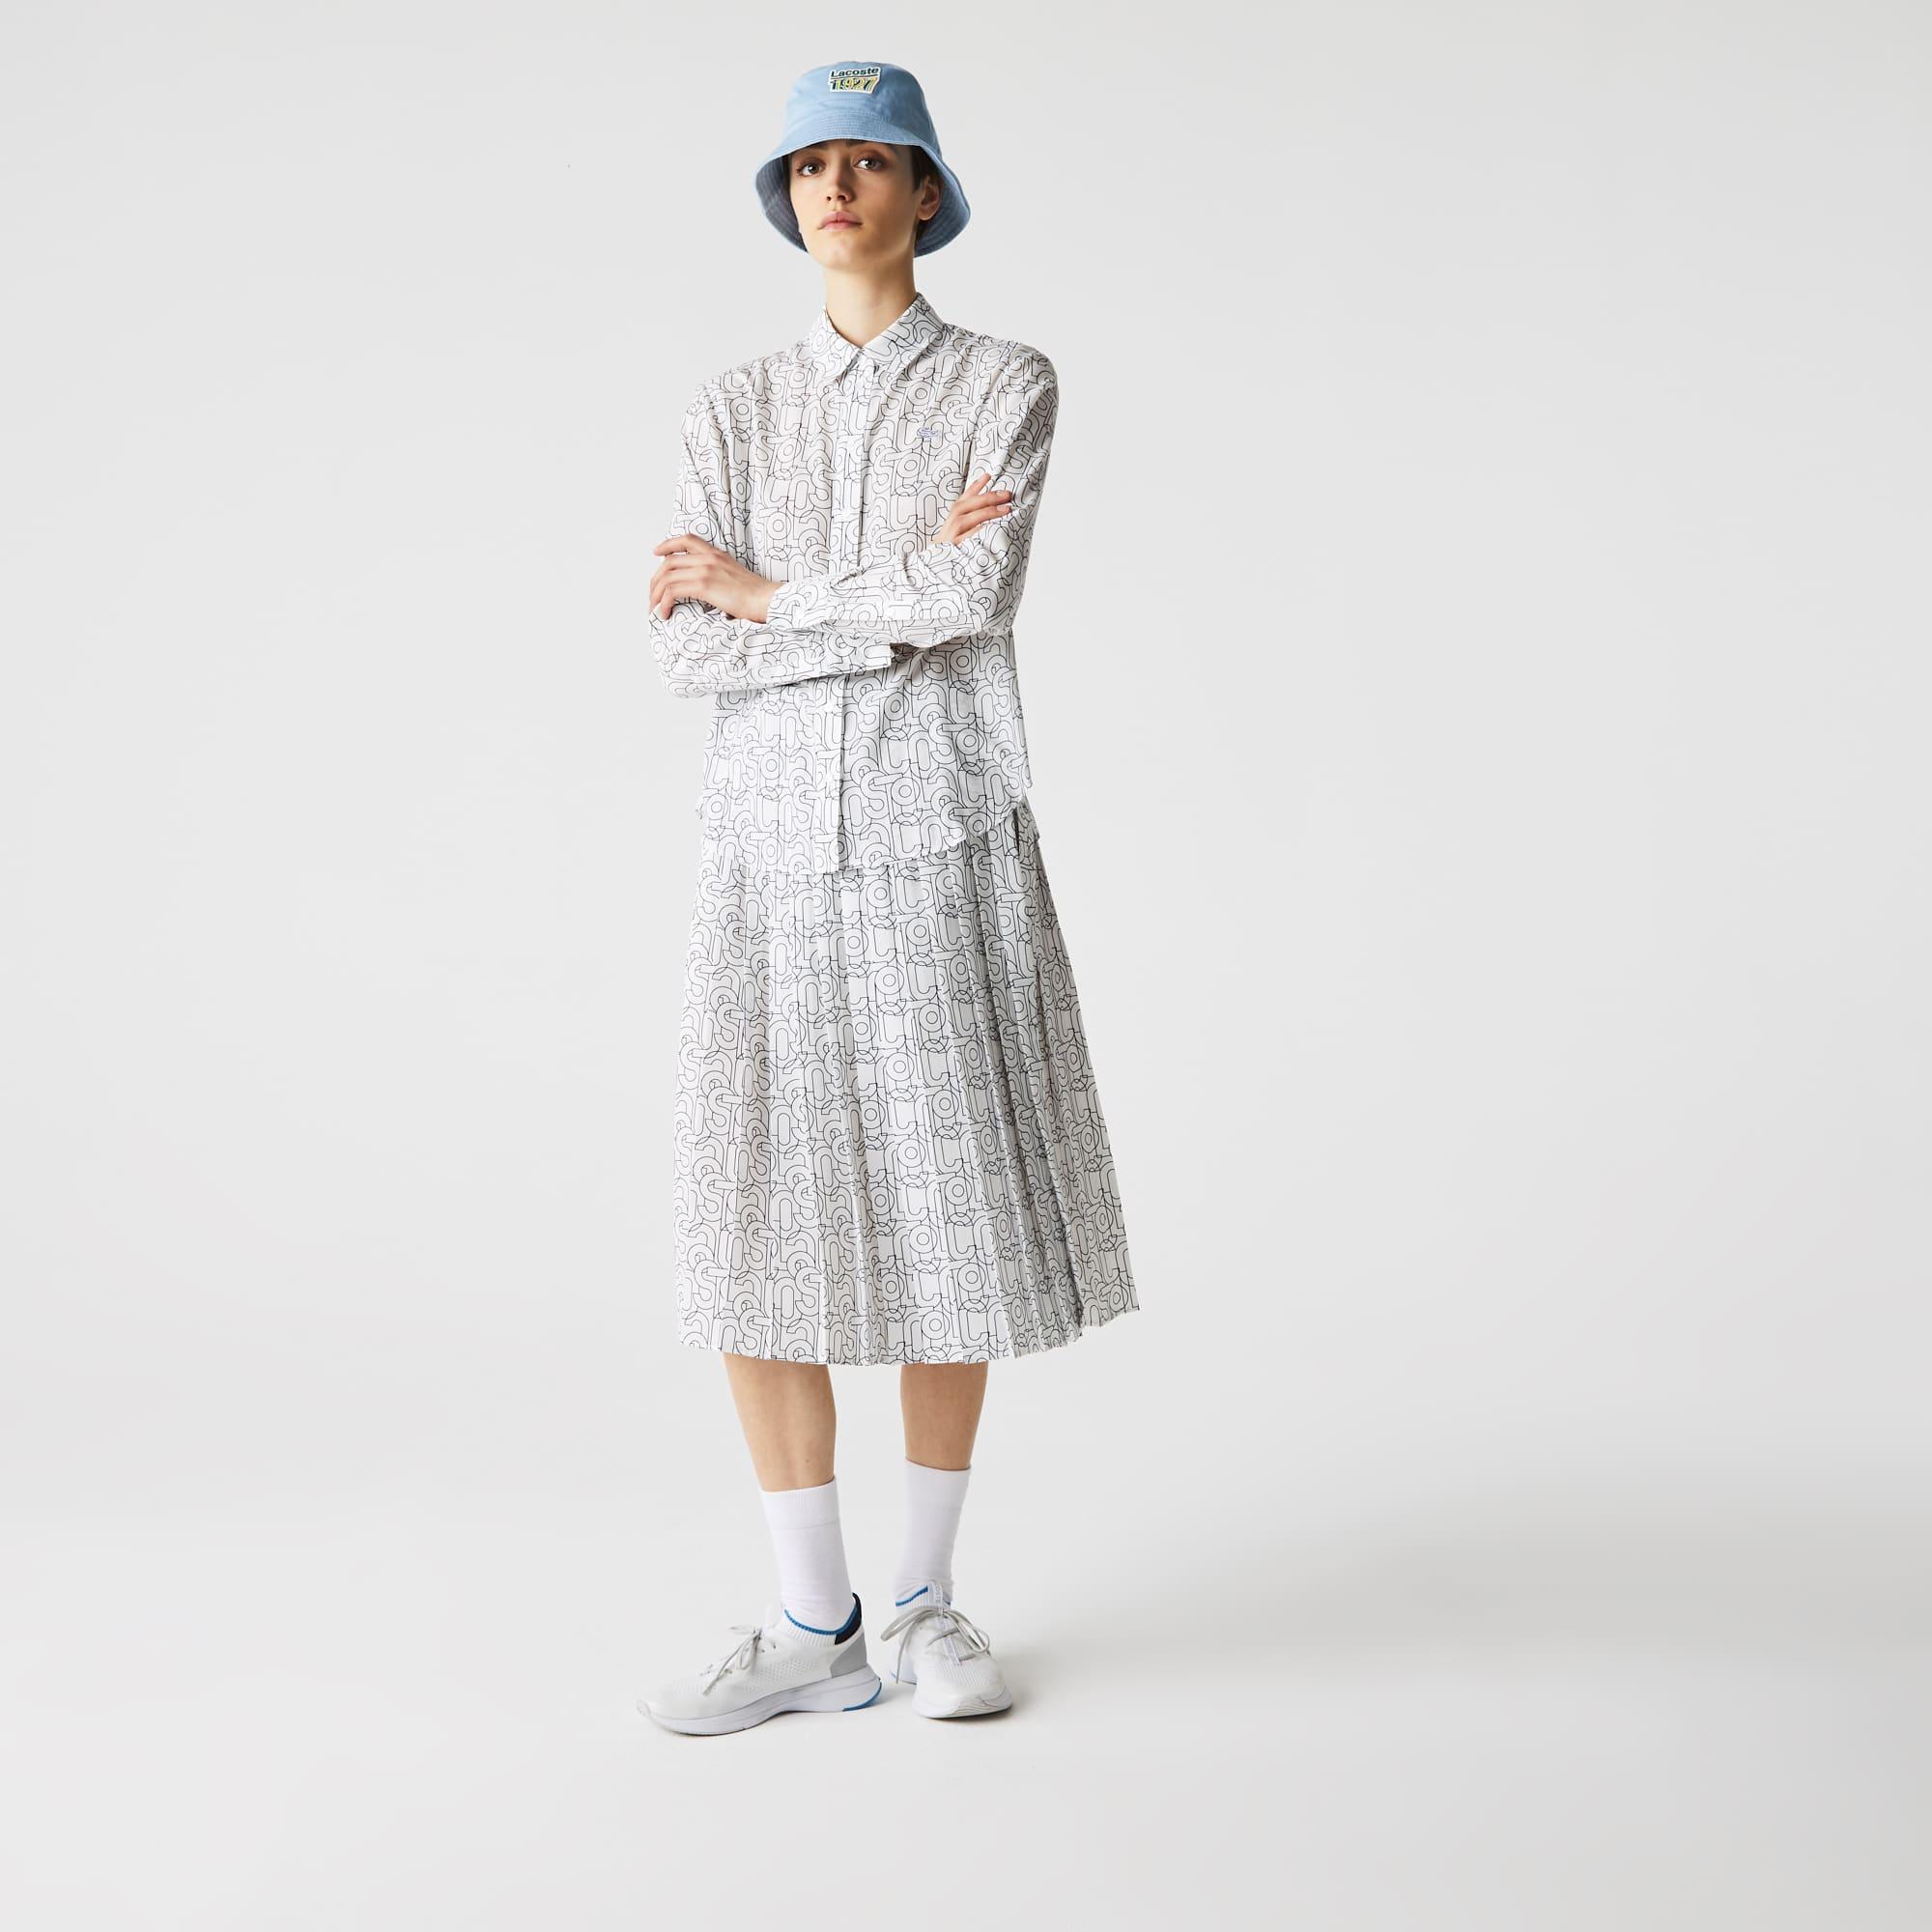 라코스테 우먼 셔츠 Women's Lacoste Print Relaxed Fit Flowy Shirt,White / Navy Blue EZ6